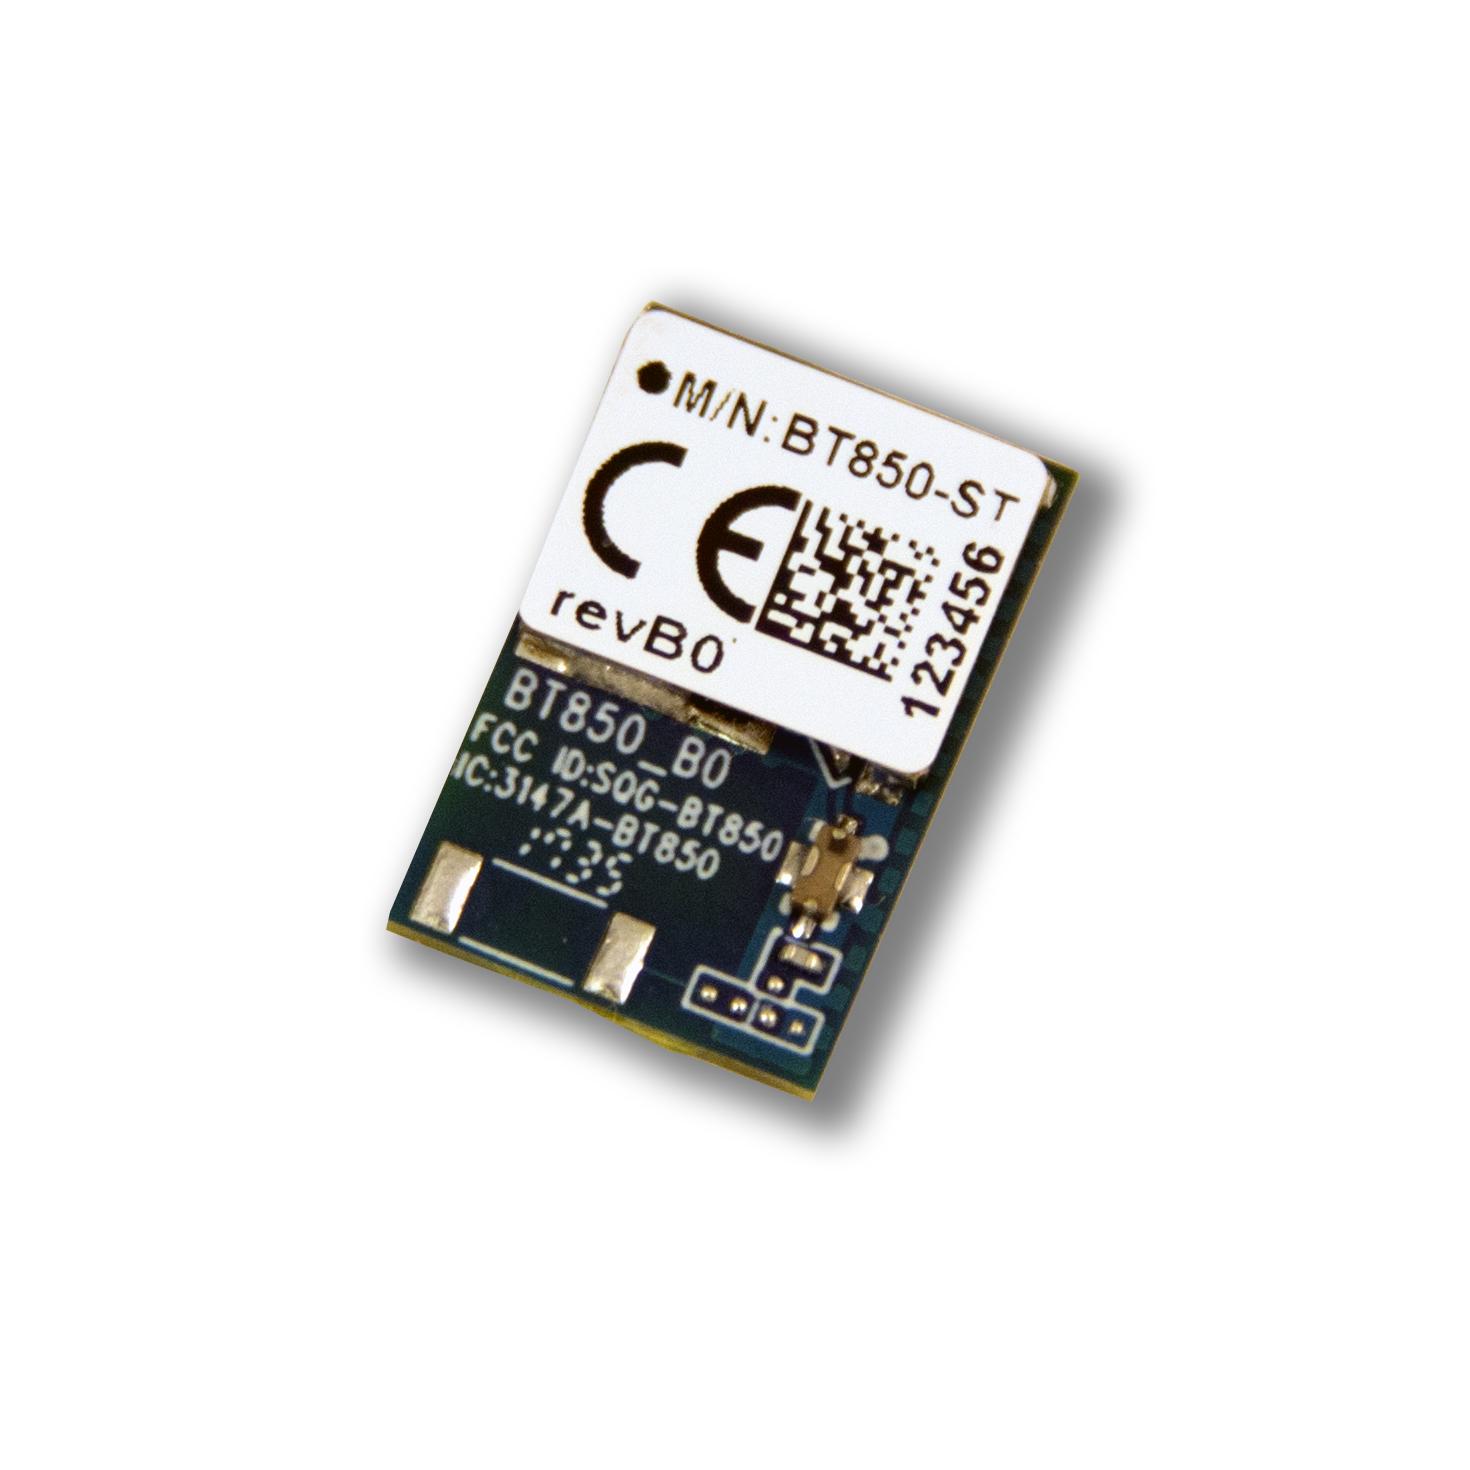 BT85x Series   Laird Connectivity